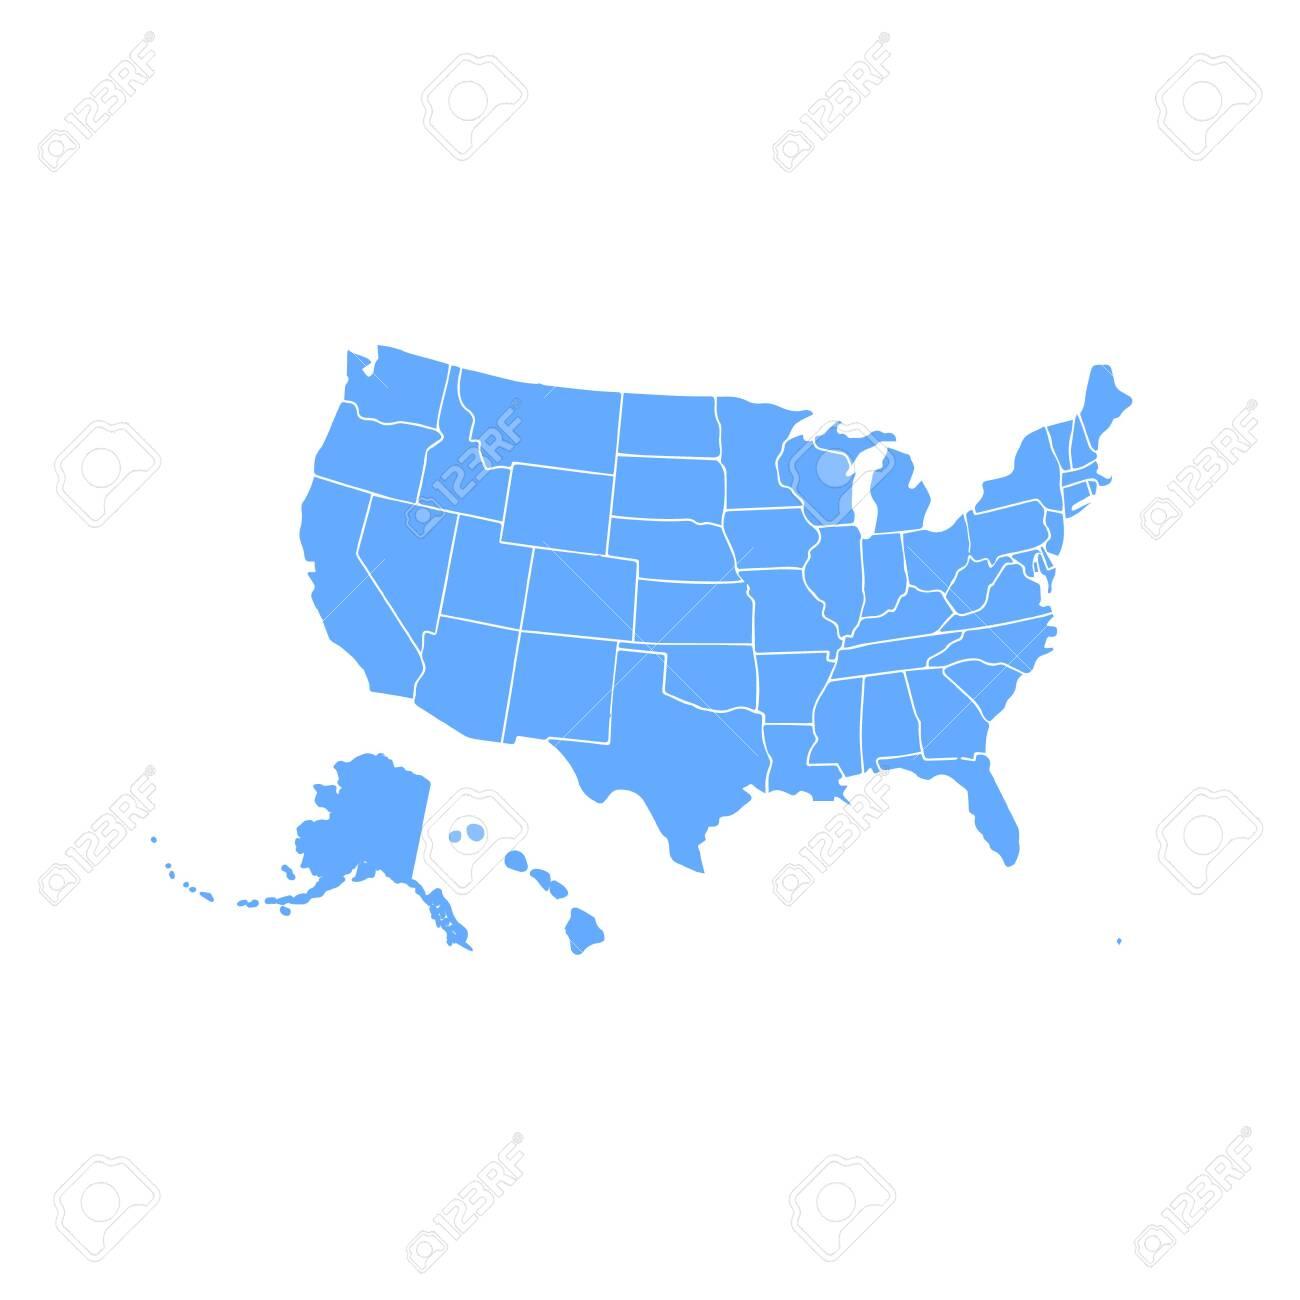 Blank similar USA map isolated on white background. United States..